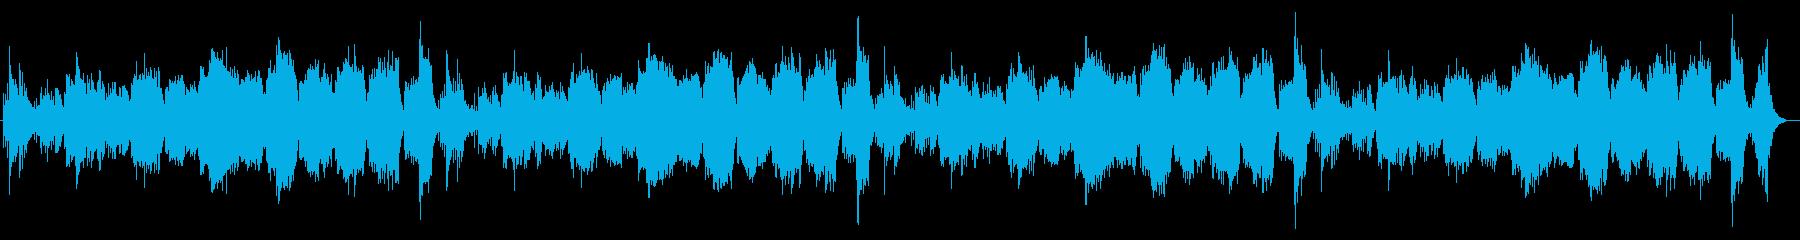 静かに流れるフルートのリラクゼーションの再生済みの波形